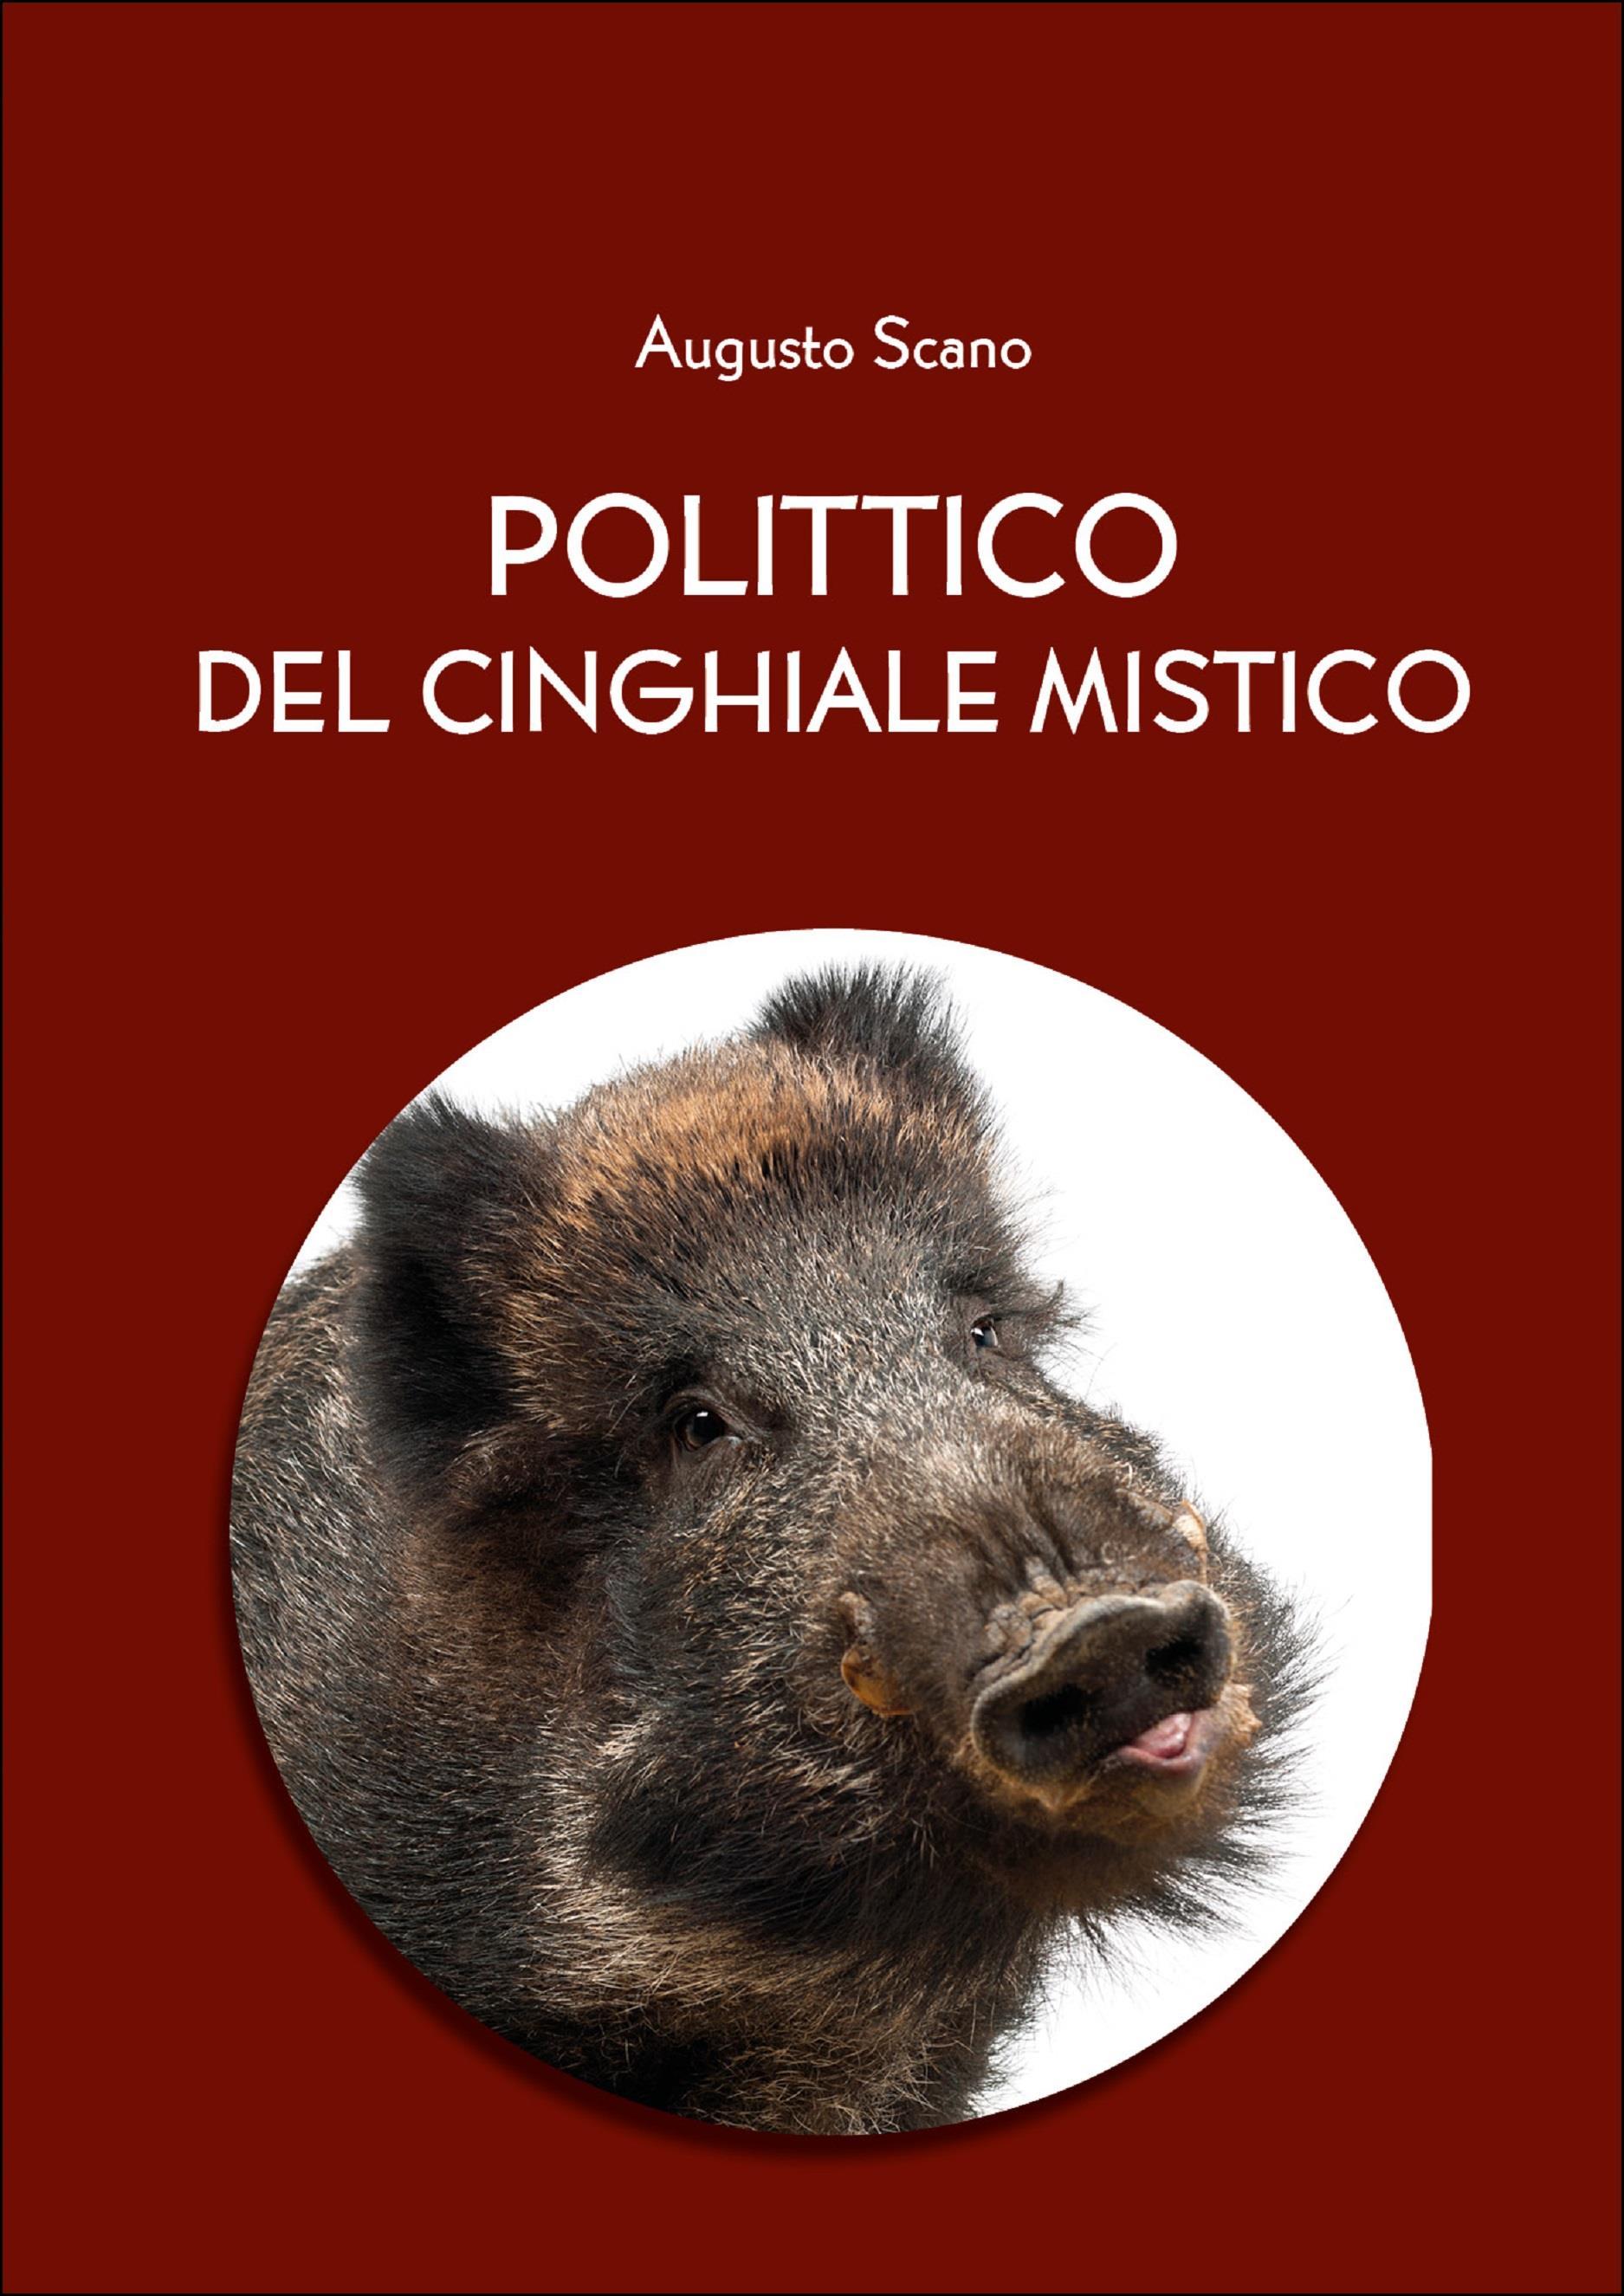 Polittico del cinghiale mistico (versione integrale in 13 libri)